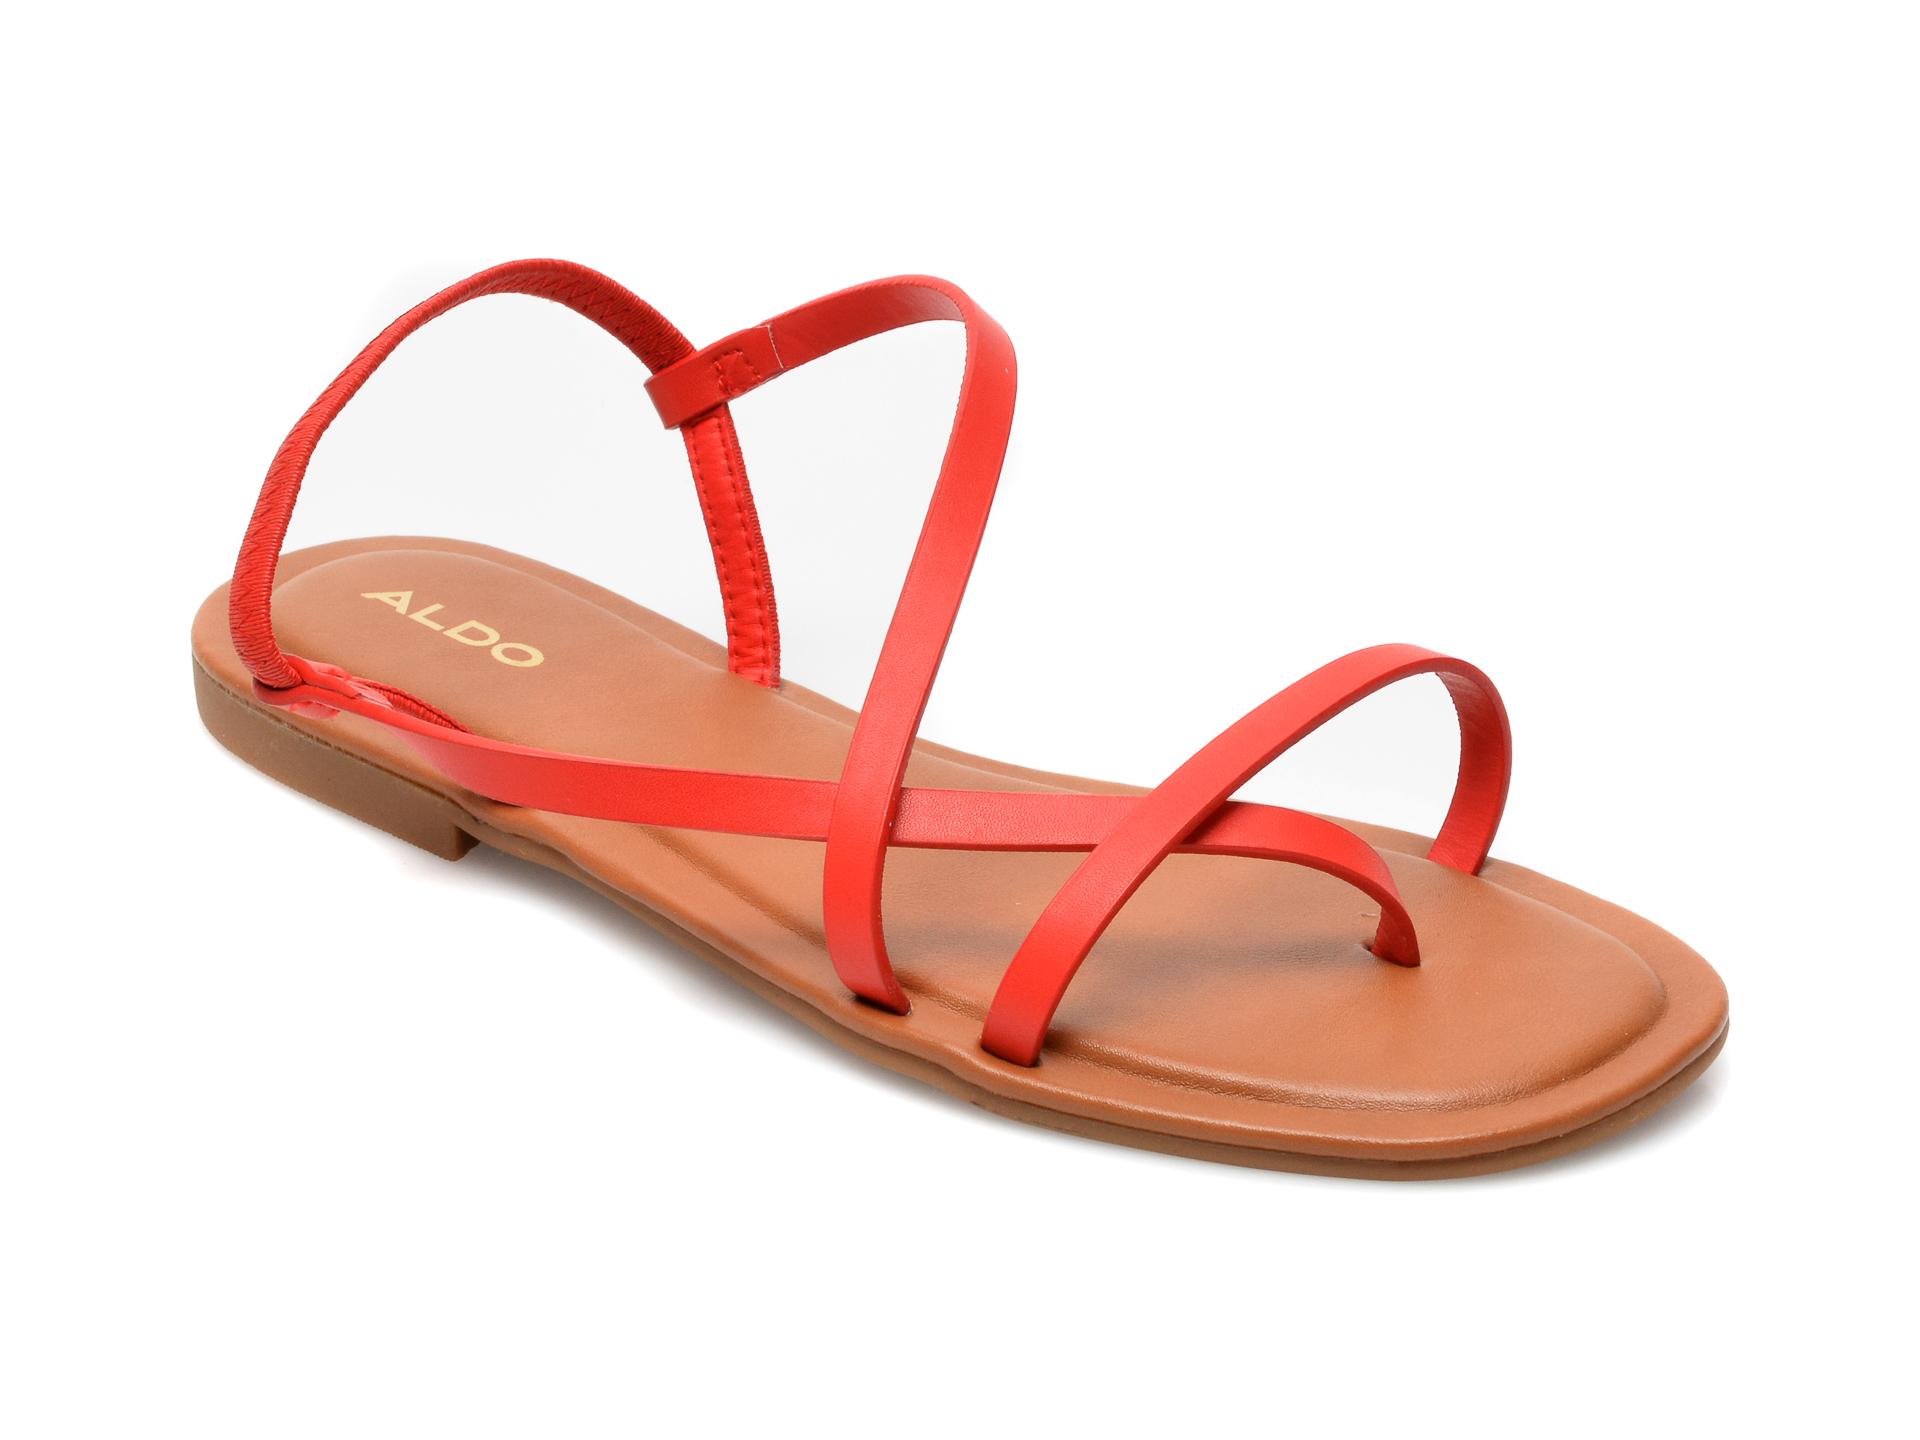 Sandale ALDO rosii, Broasa600, din piele ecologica imagine otter.ro